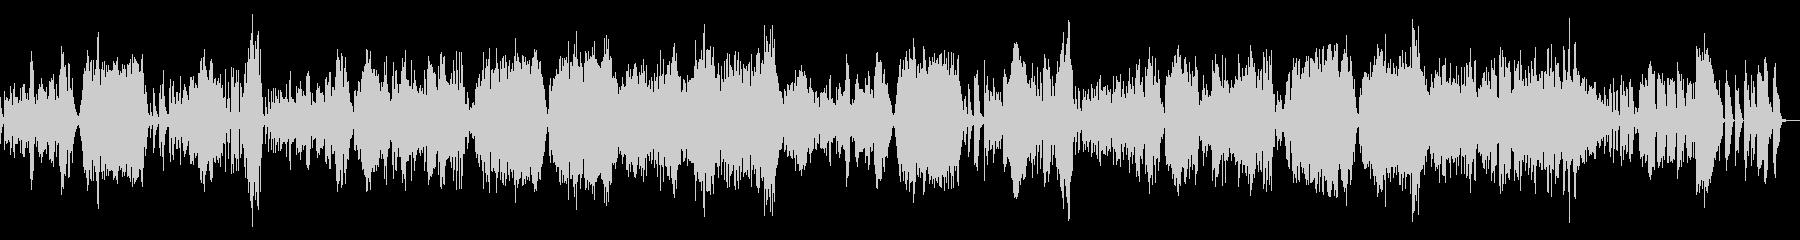 ベートーベン/バイオリンソナタ8–2の未再生の波形